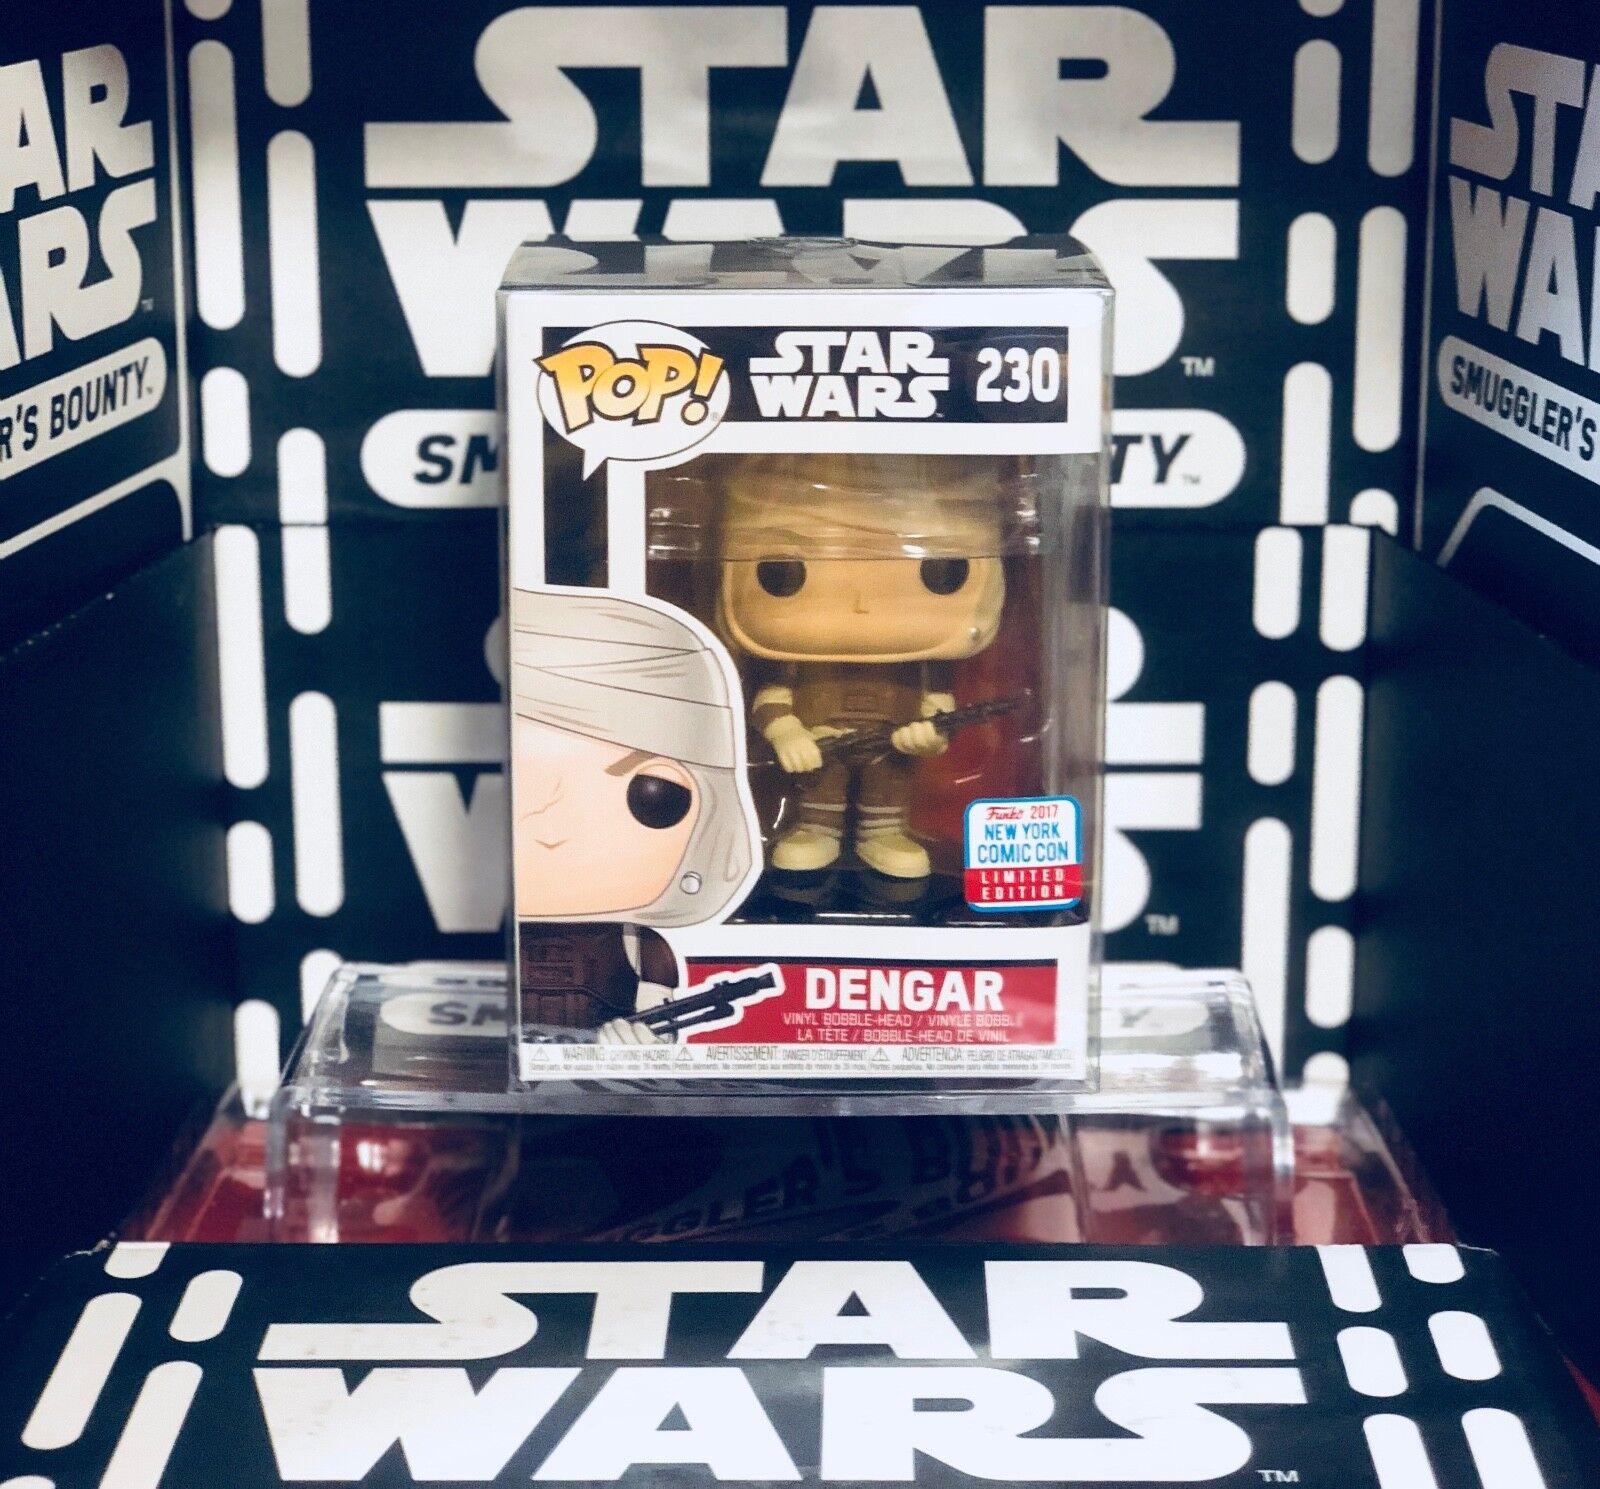 2017 Nueva York Comic Con Exclusive Funko Pop  Estrella Wars Dengar 230 con projoector de la etiqueta engomada y caja